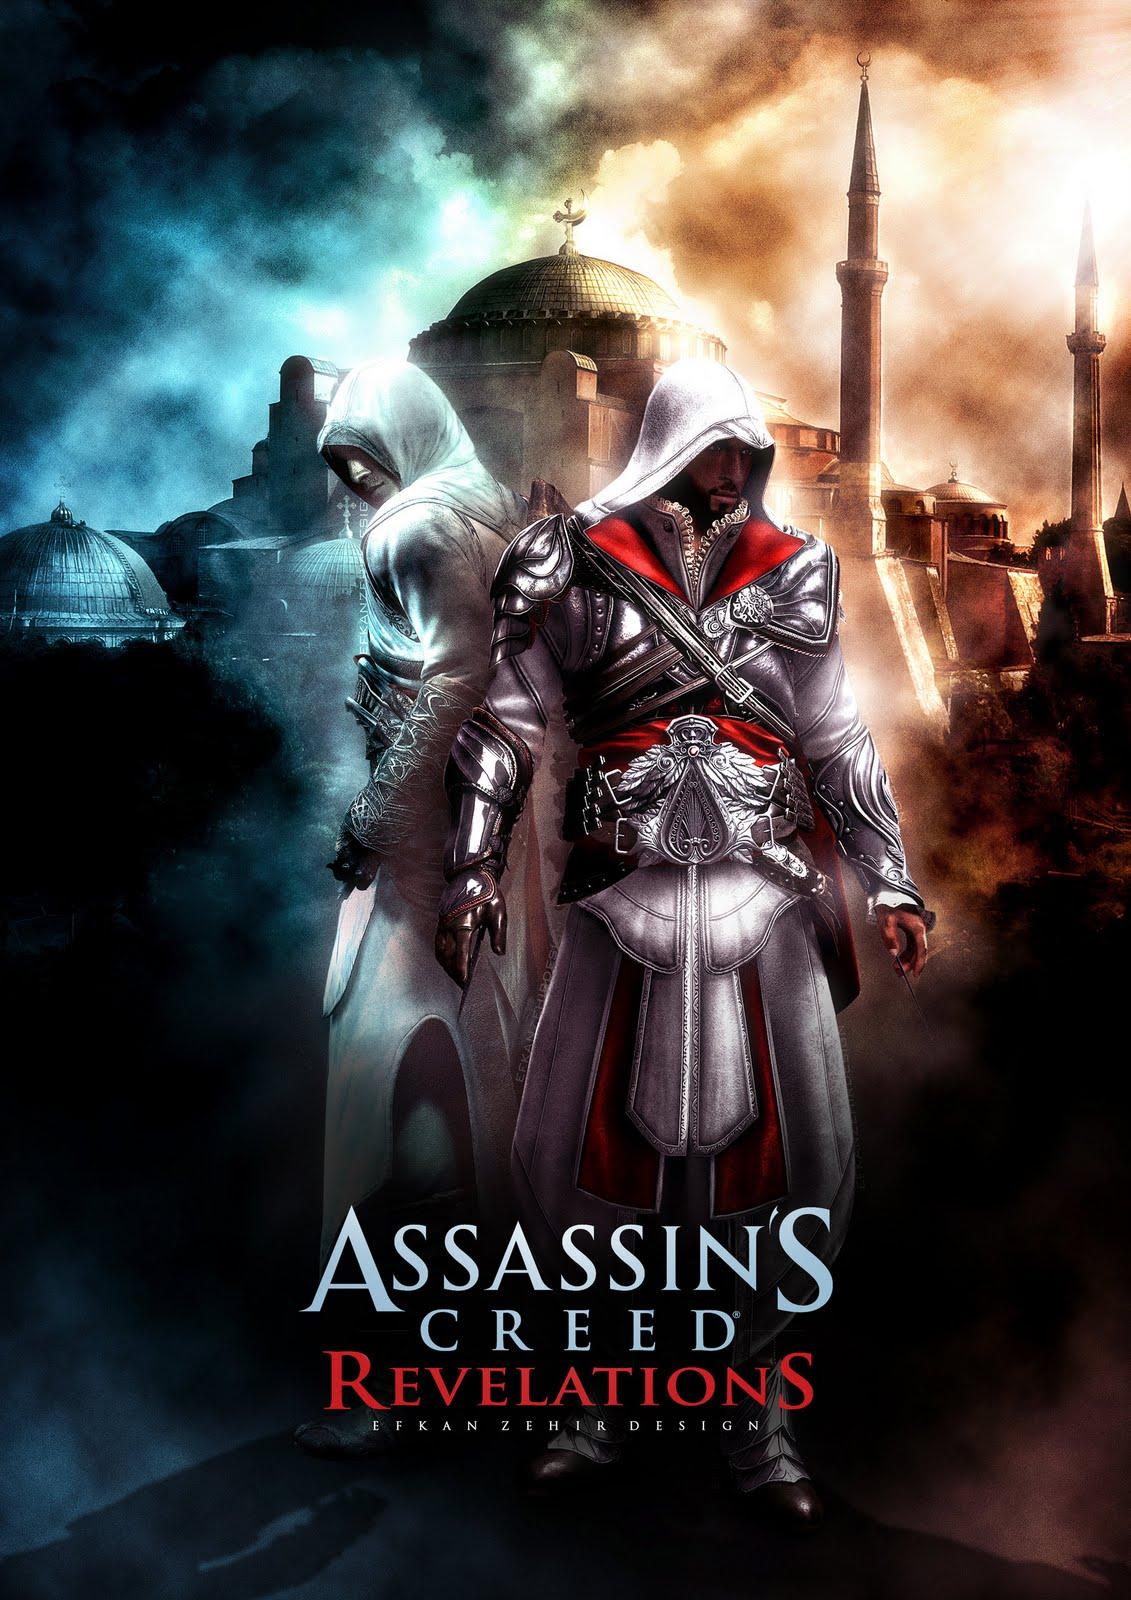 http://4.bp.blogspot.com/-TsKAThvefBE/TsF5QX4T2_I/AAAAAAAAIZQ/HT6gTL28gRo/s1600/assassin__s_creed_revelations%2Bposter.jpg